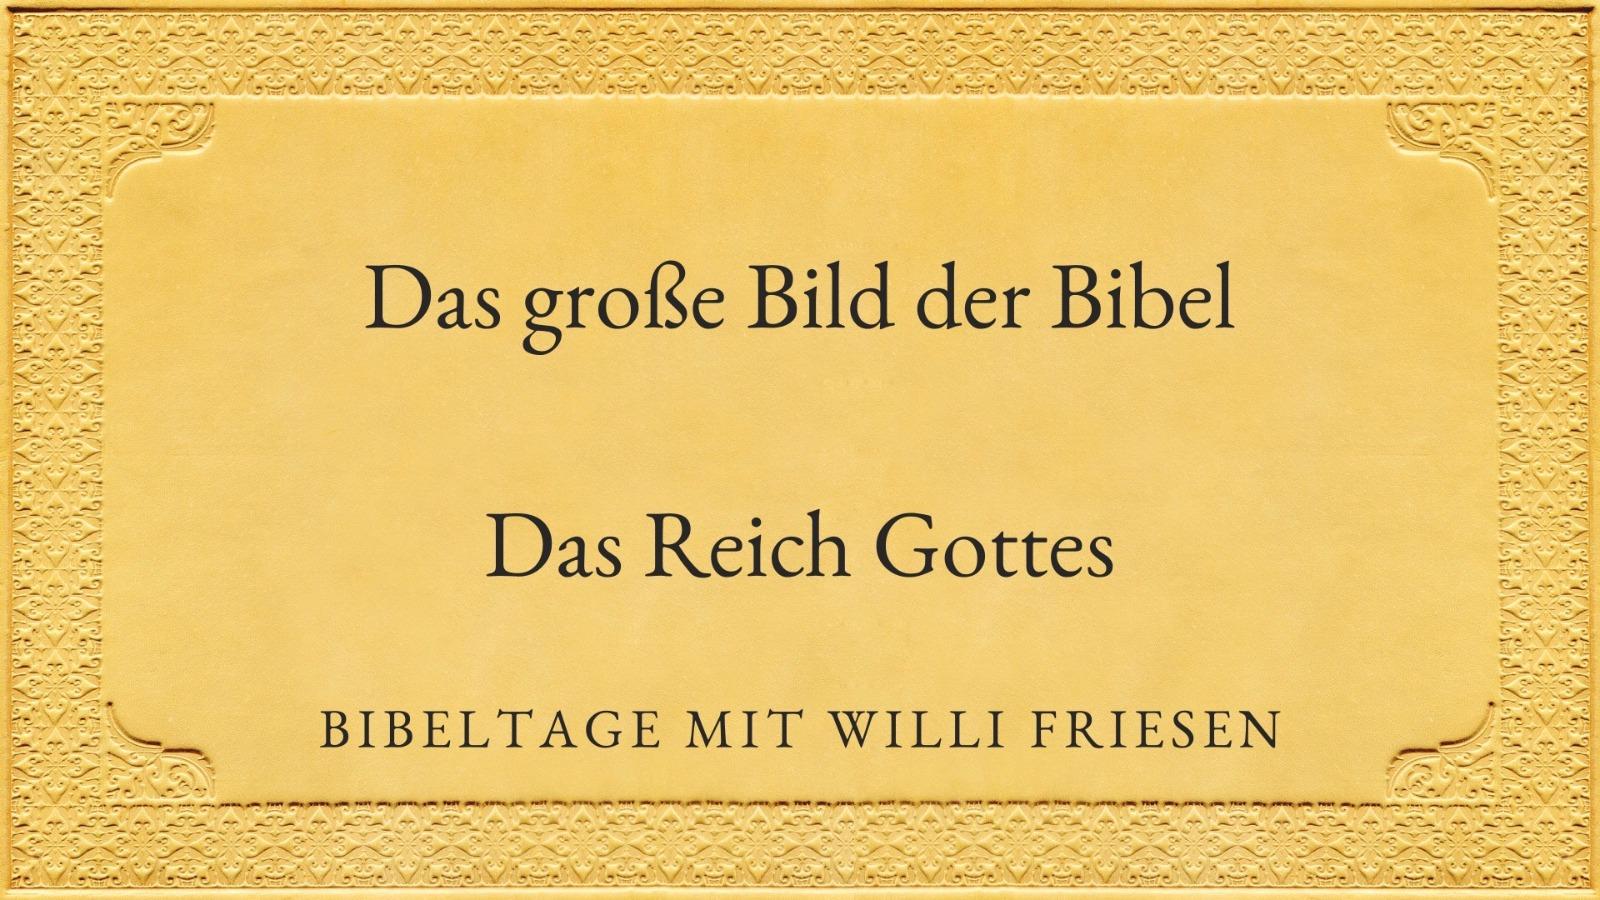 Das große Bild der Bibel